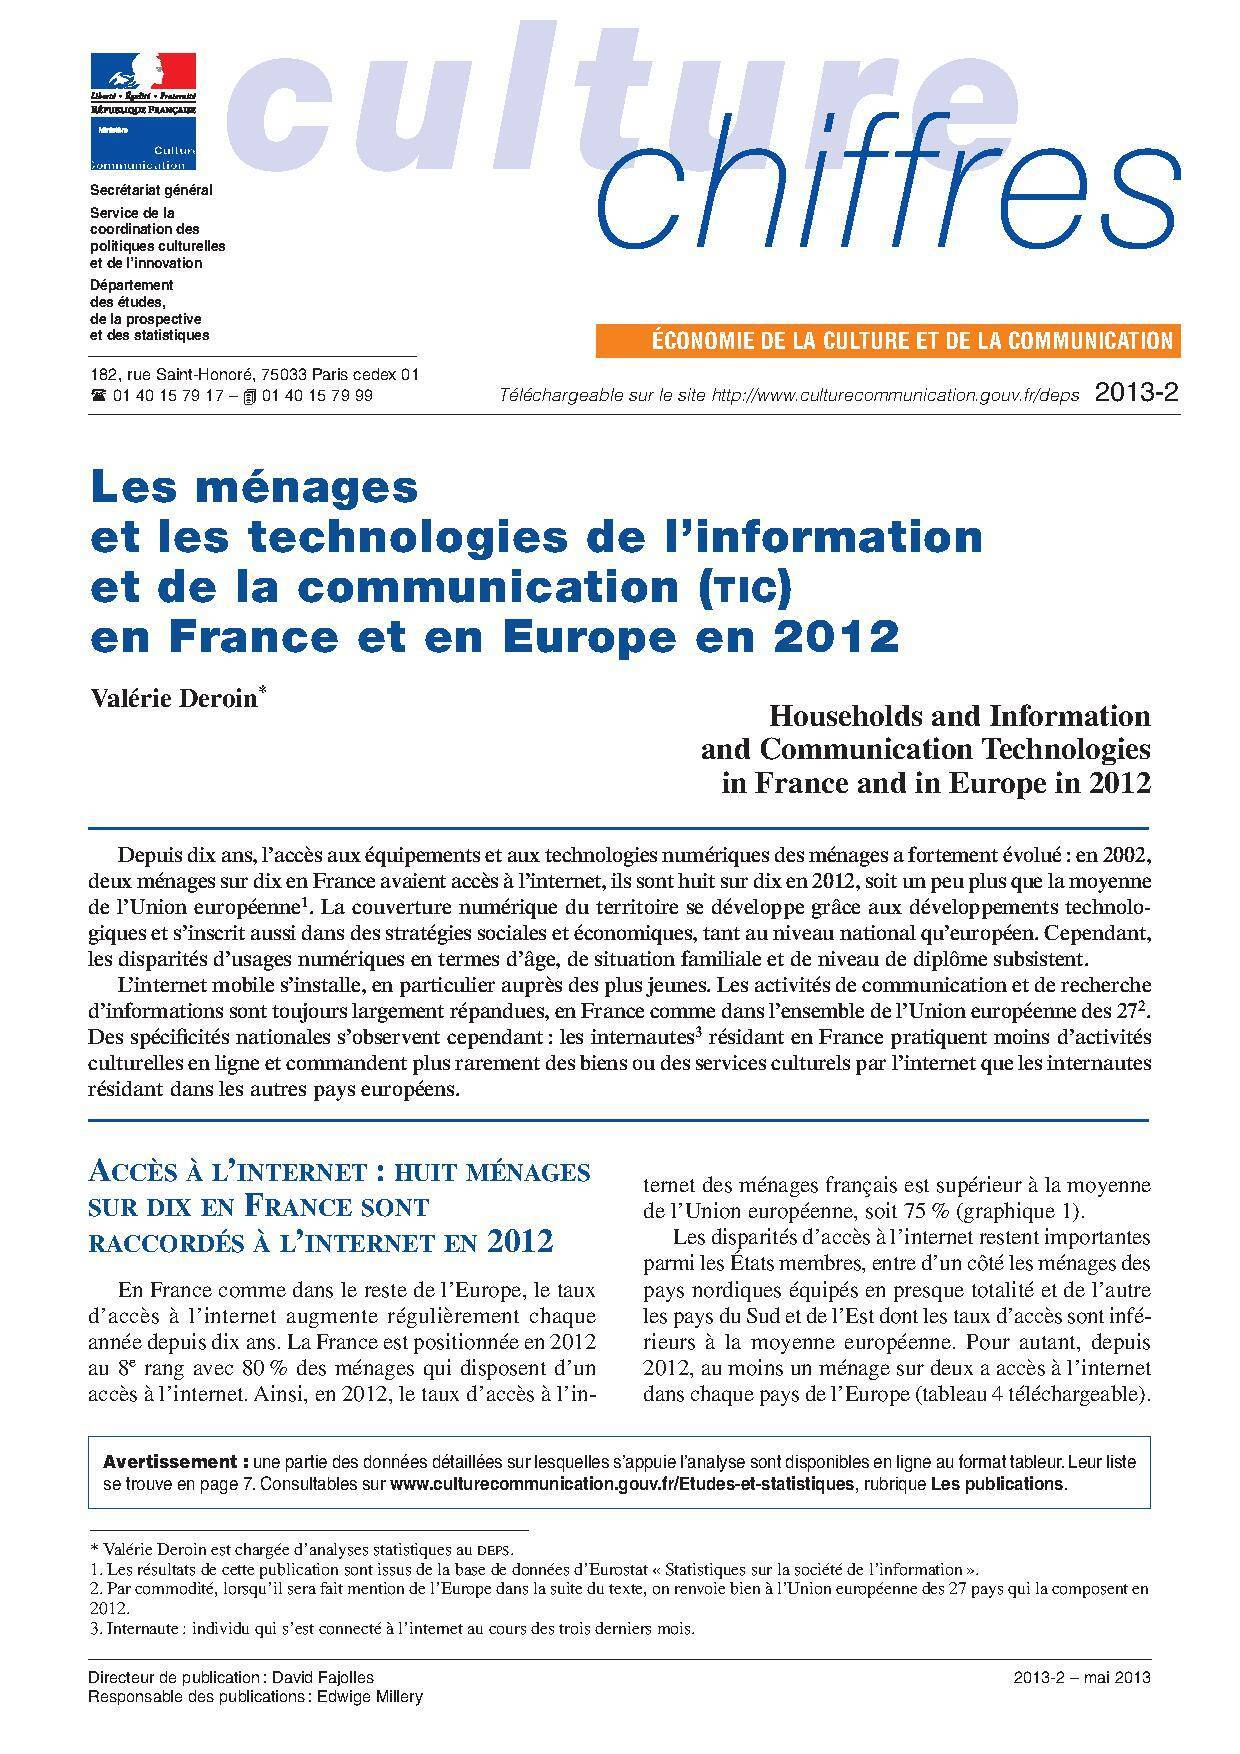 Les ménages et les technologies de l'information et de la communication en France et en Europe en 2012